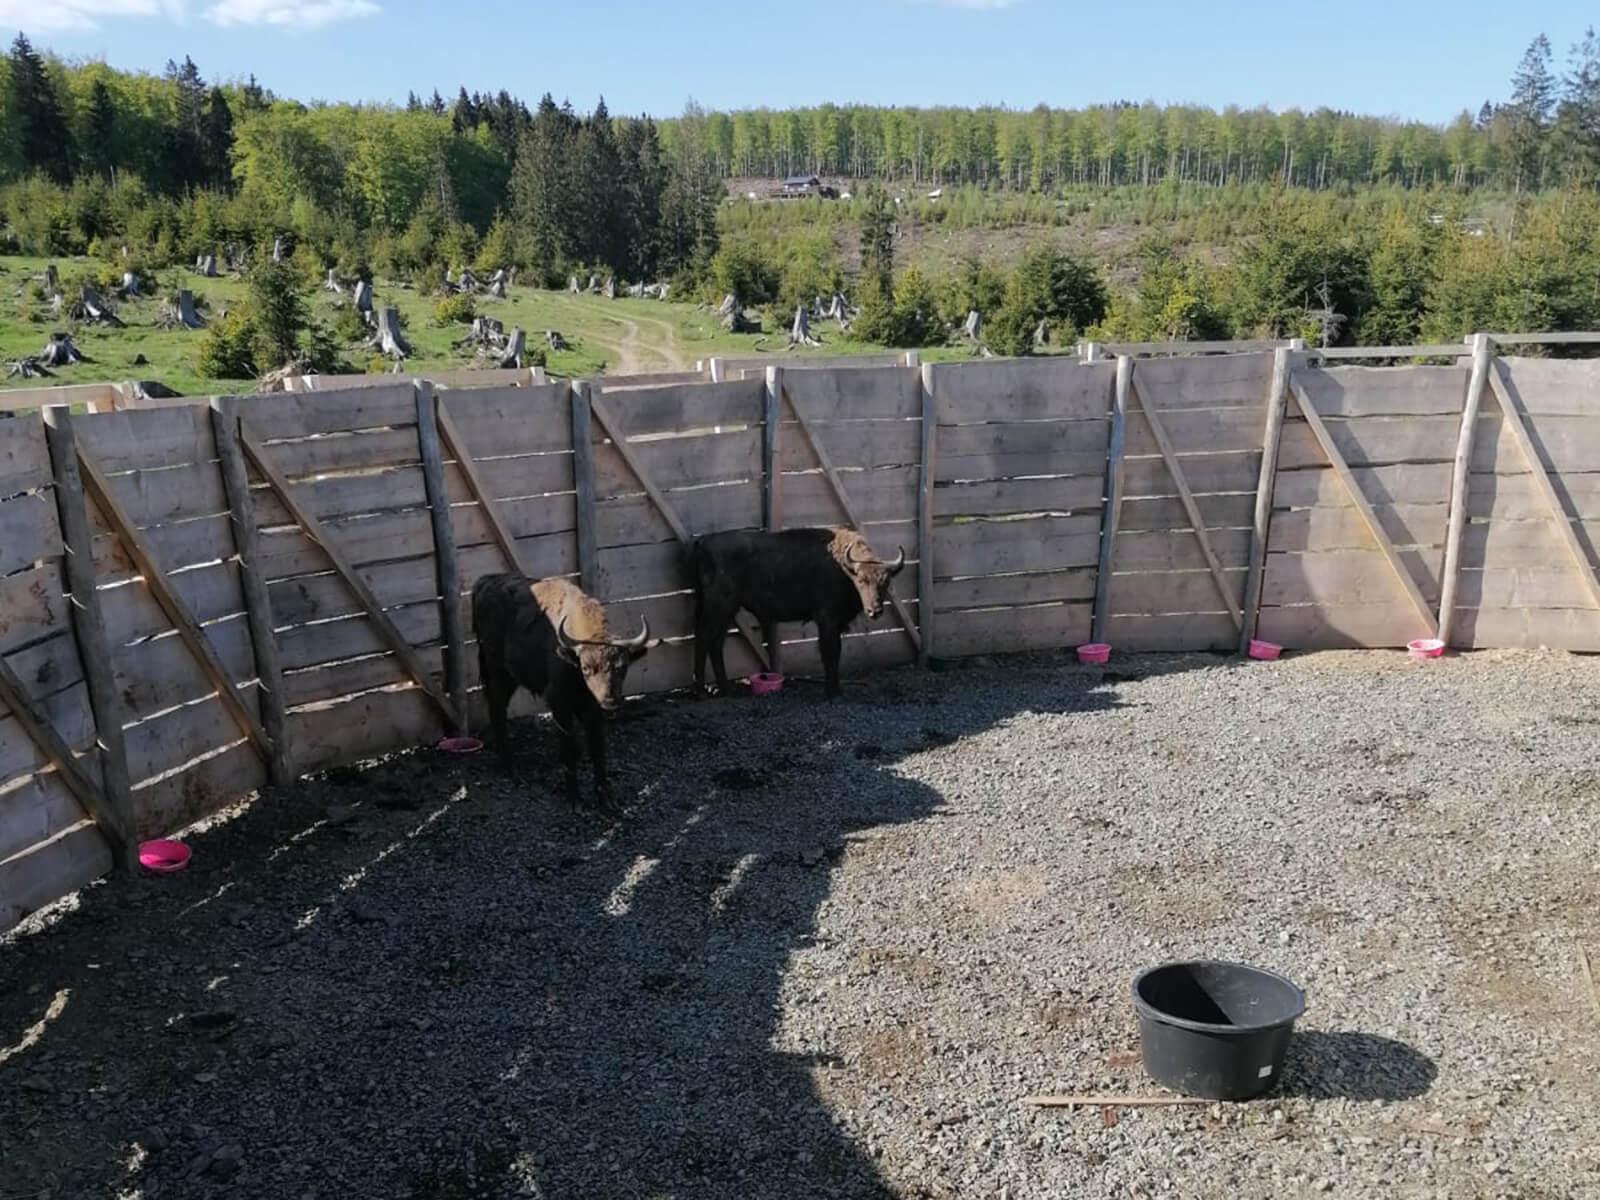 Blick in die Fanganlage mit den beiden Jungbullen Quill und Quandro.